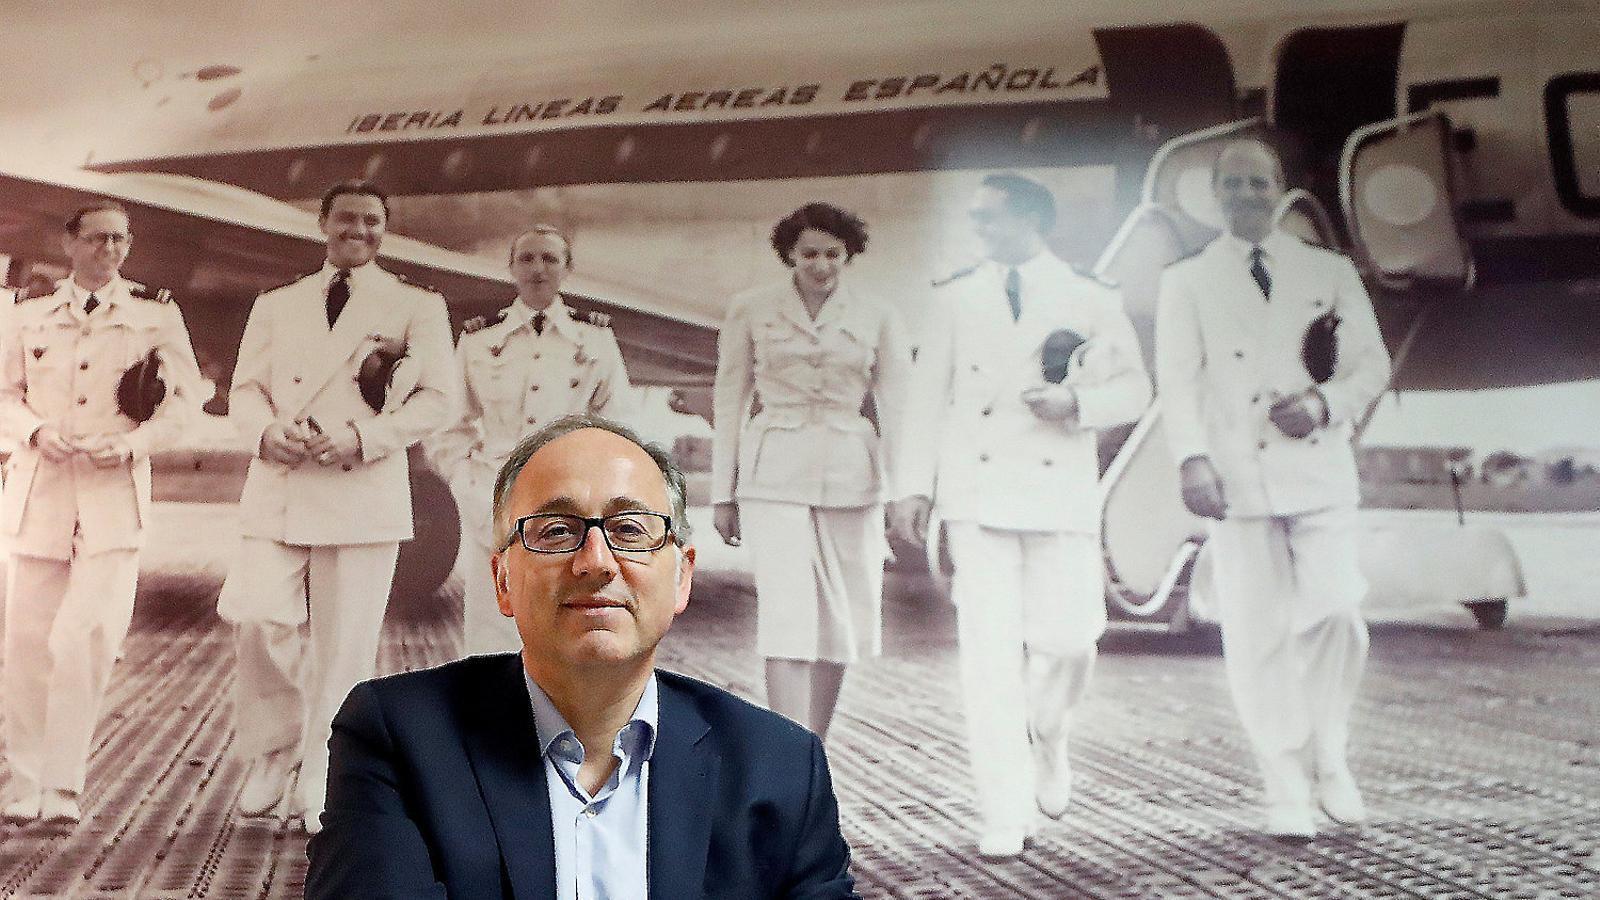 Luis Gallego (01), fins ara president d'Iberia, és el nou conseller delegat d'IAG en lloc de Willie Walsh (02).